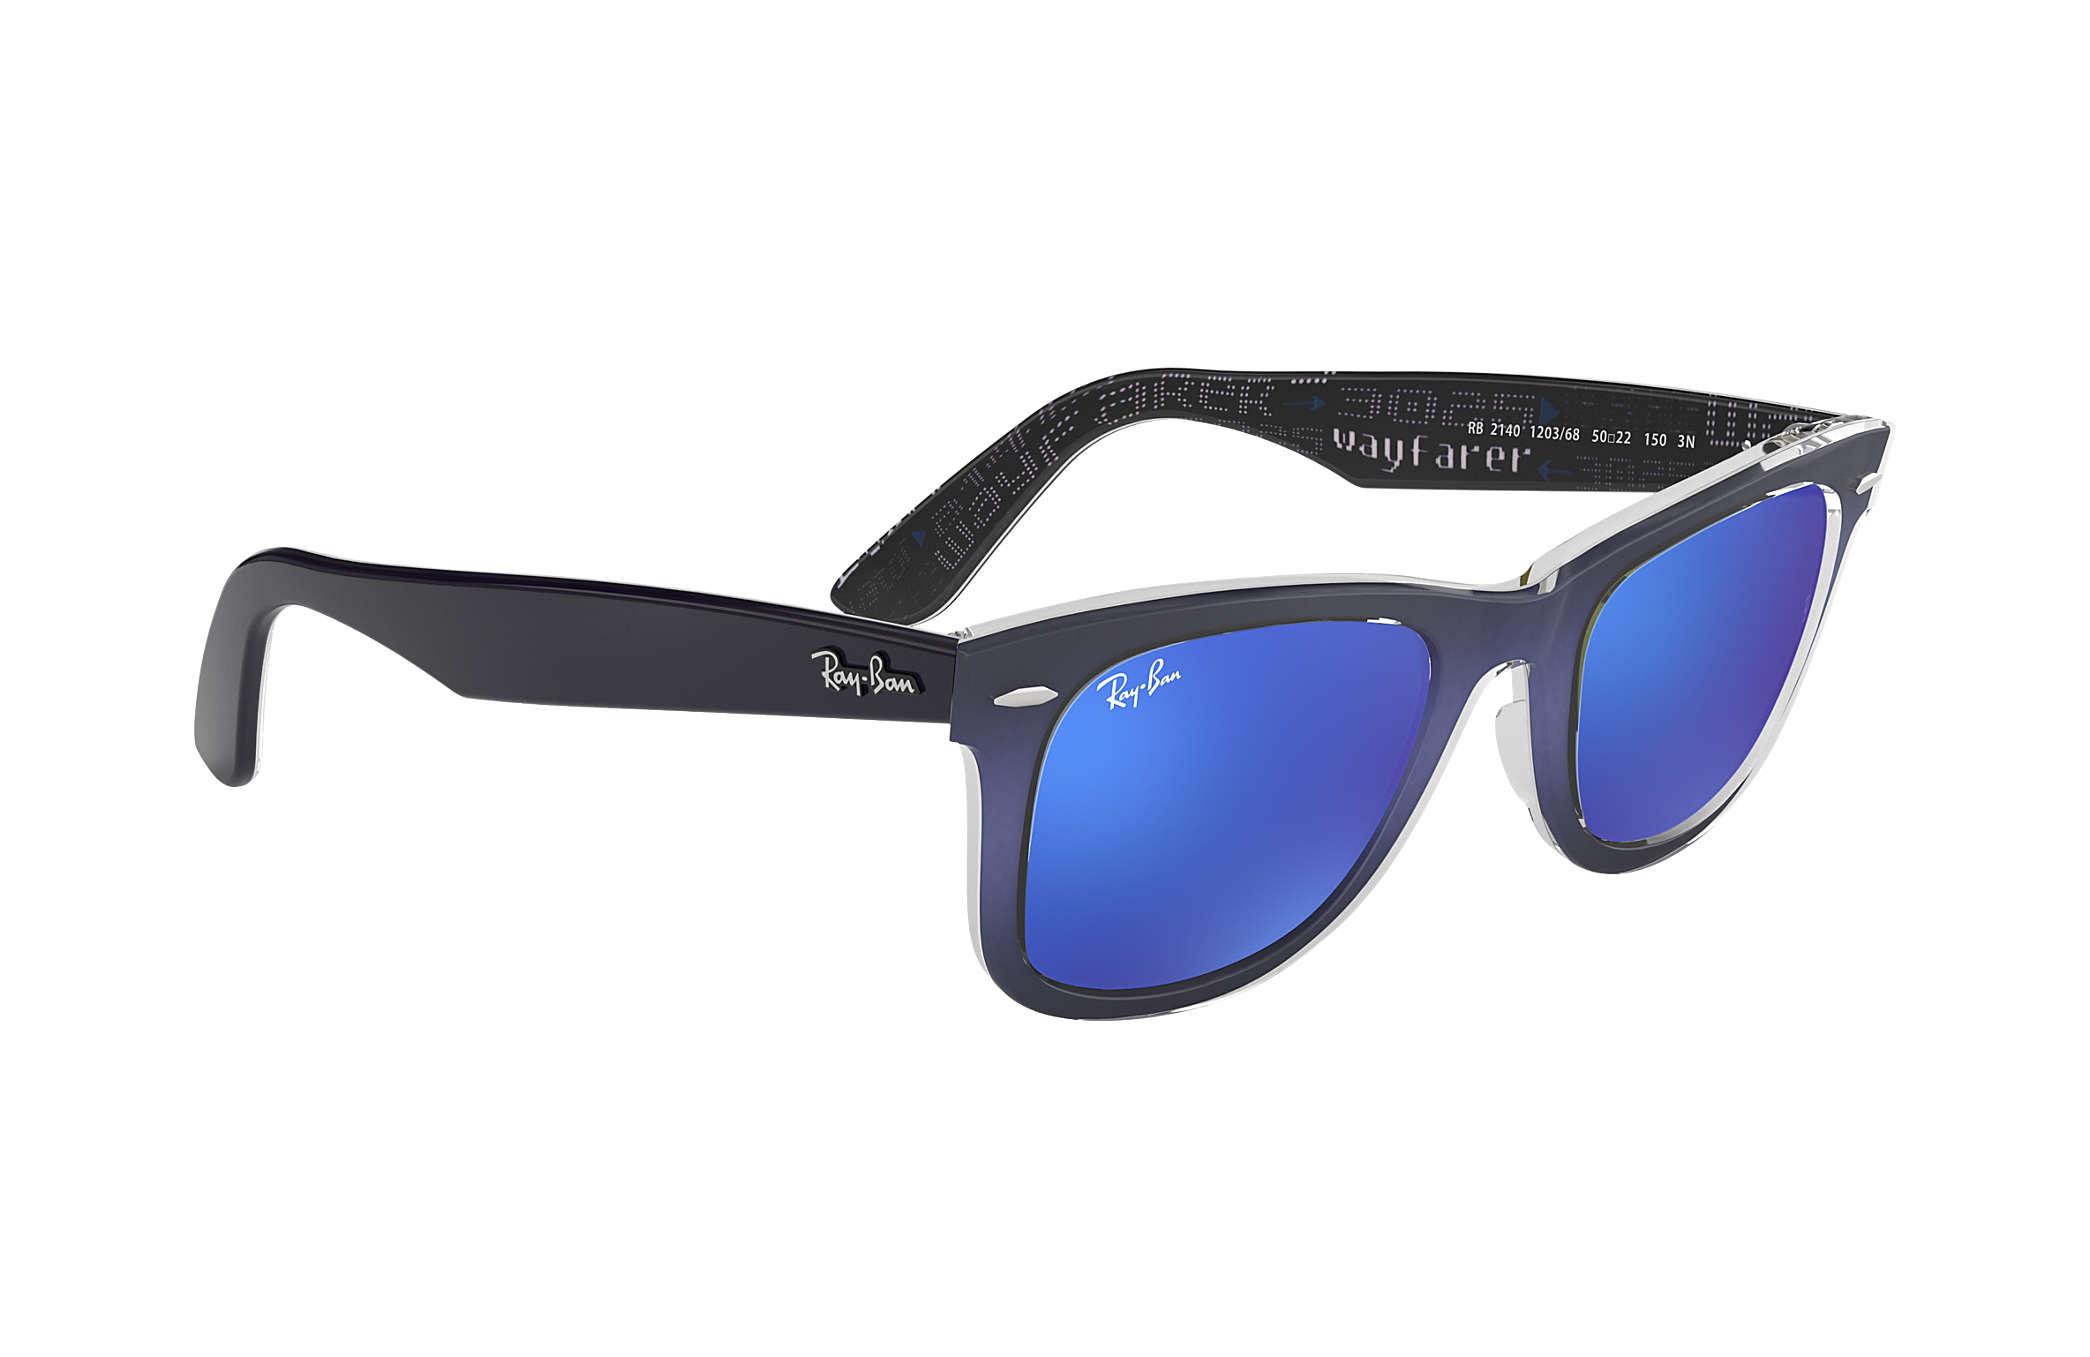 ray ban wayfarer 2140 azul